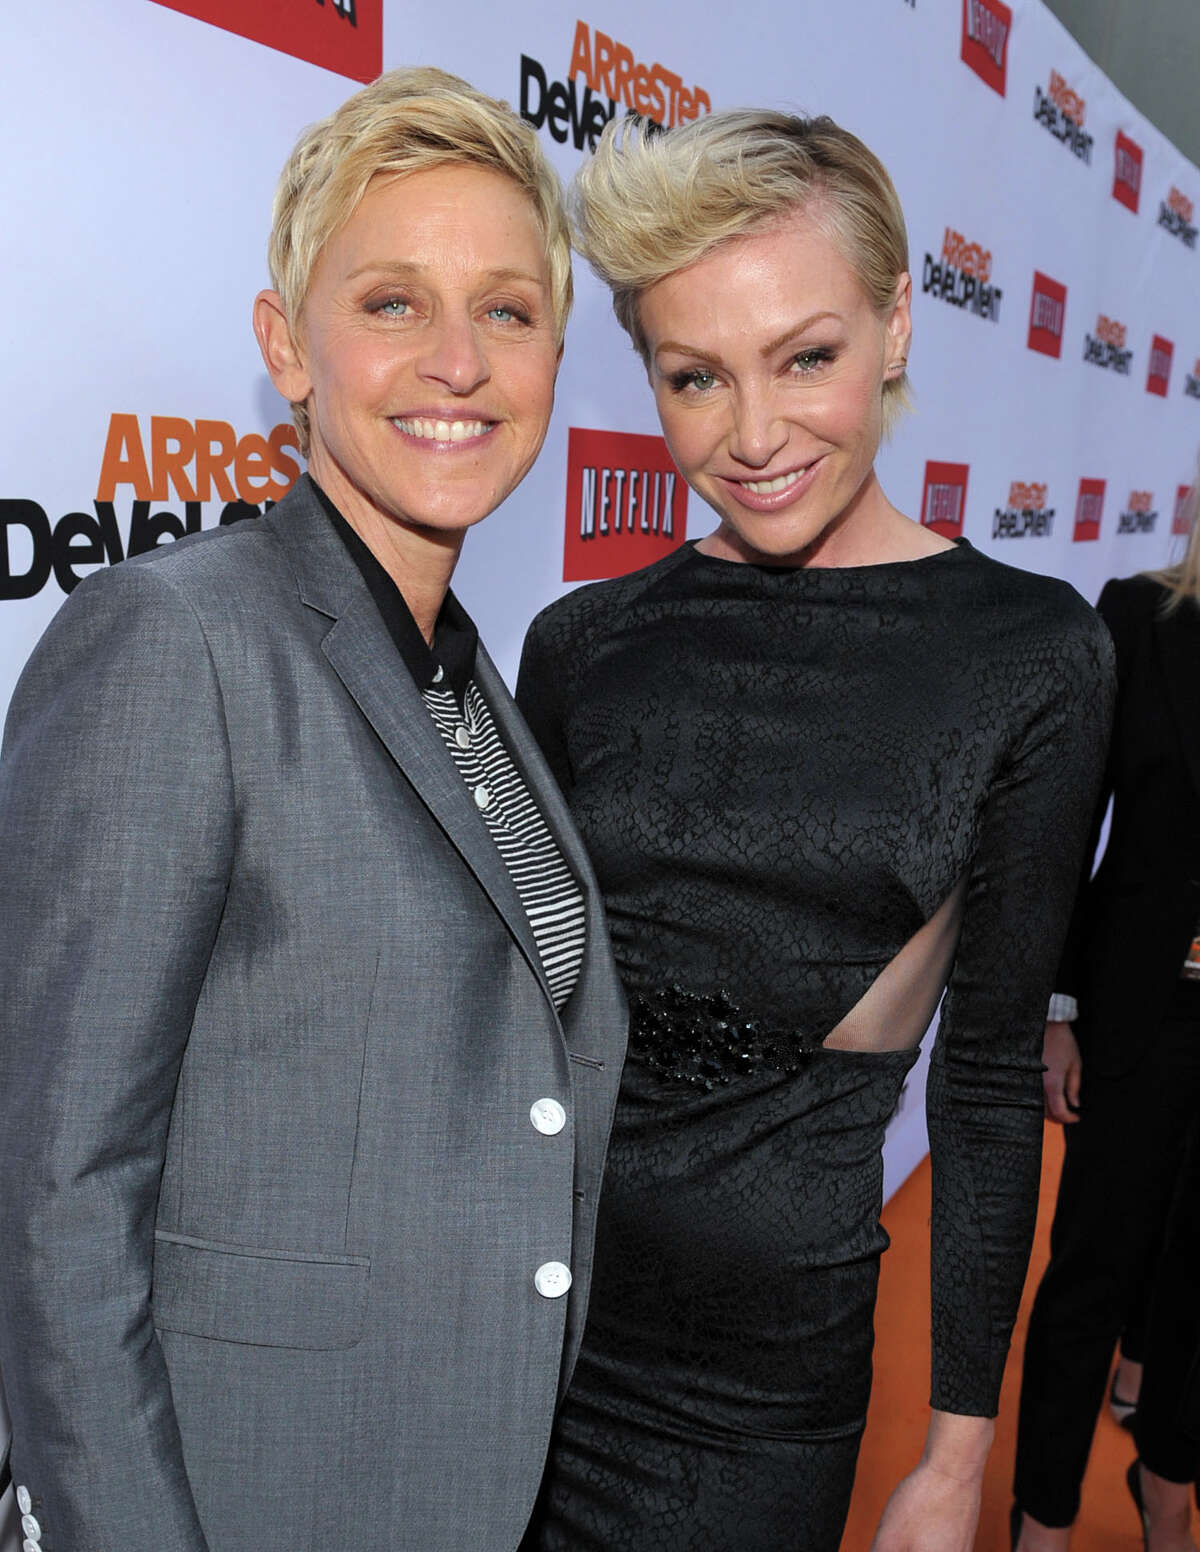 Ellen DeGeneres, left, and Portia de Rossi arrive at the season 4 premiere of